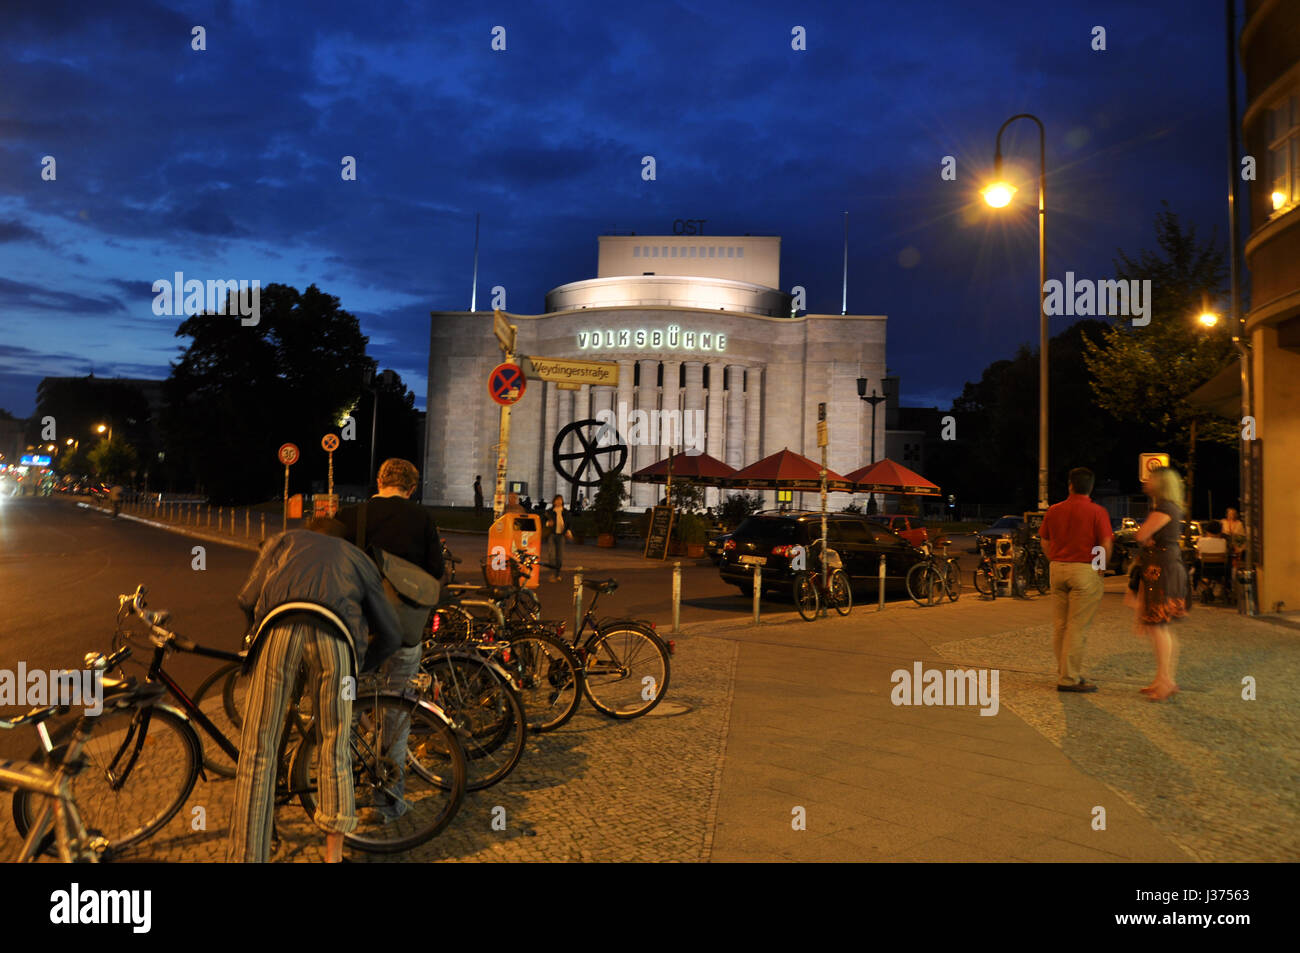 Rosa-Luxemburg-Platz mit Blick auf die Berliner Volksbühne in der Blauen Stunde. - Stock Image